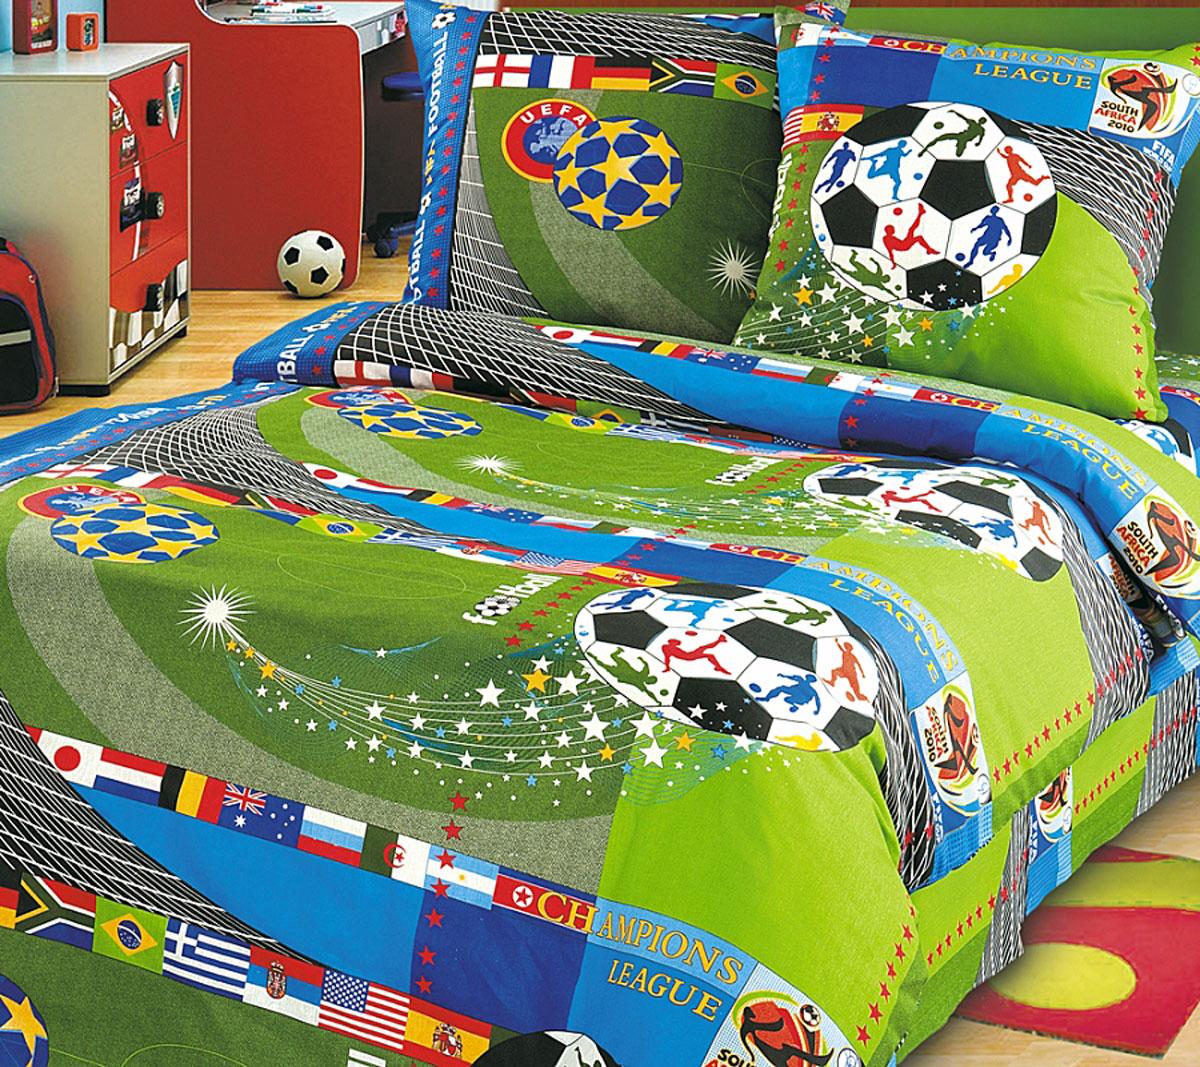 ТексДизайн Комплект детского постельного белья Чемпионат 1,5-спальный1100АКомплект детского постельного белья Чемпионат, состоящий из двух наволочек, простыни и пододеяльника, выполнен из прочной бязи. Комплект постельного белья украшен изображениями футбольного поля, мячей и флагов. Сегодня компания Текс-Дизайн является крупнейшим поставщиком эксклюзивной набивной бязи. Вся ткань изготовлена из 100% хлопка. Бязь - хлопчатобумажная плотная ткань полотняного переплетения. Отличается прочностью и стойкостью к многочисленным стиркам. Бязь считается одной из наиболее подходящих тканей, для производства постельного белья и пользуется в России большим спросом. Фирменная продукция отличается оригинальным дизайном, высокой прочностью и долговечностью. Такой комплект идеально подойдет для кроватки вашего малыша. На нем ребенок будет спать здоровым и крепким сном.